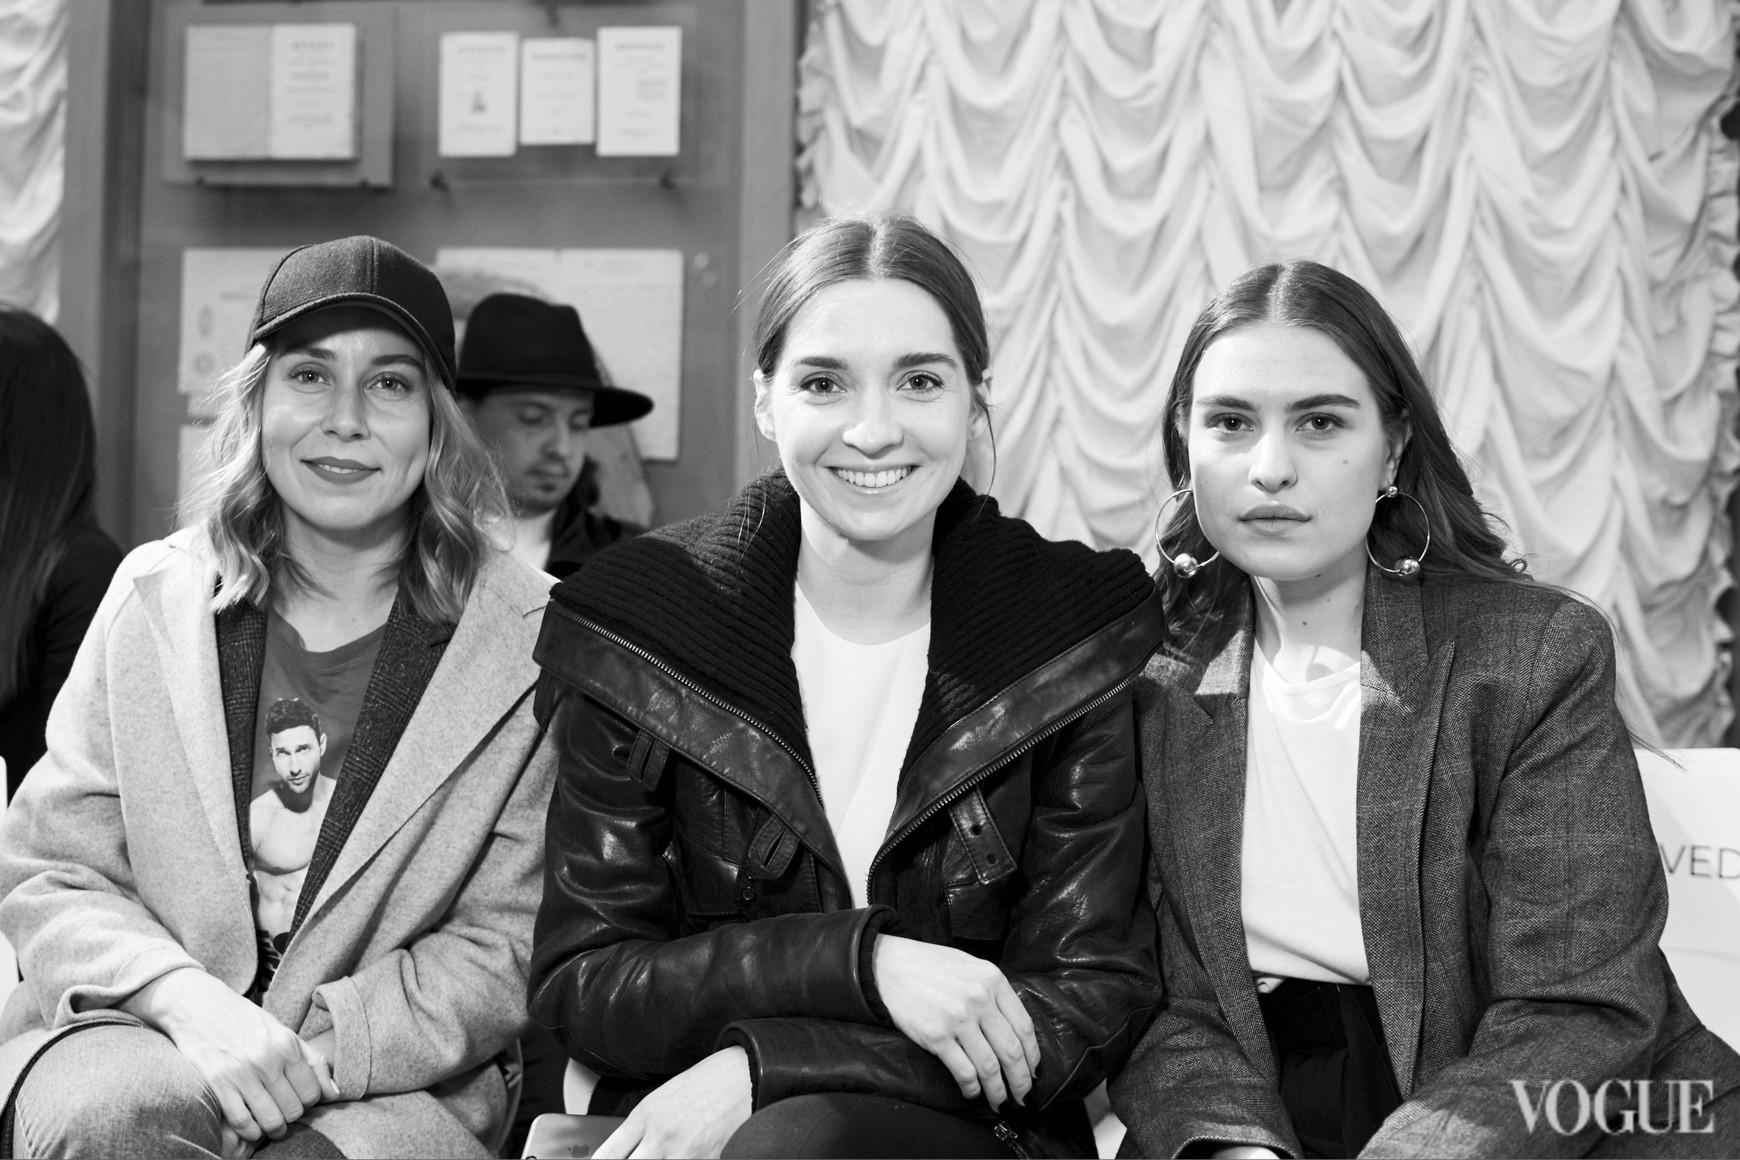 Александра Бородина, Елена Пащенко и Евгения Скибина